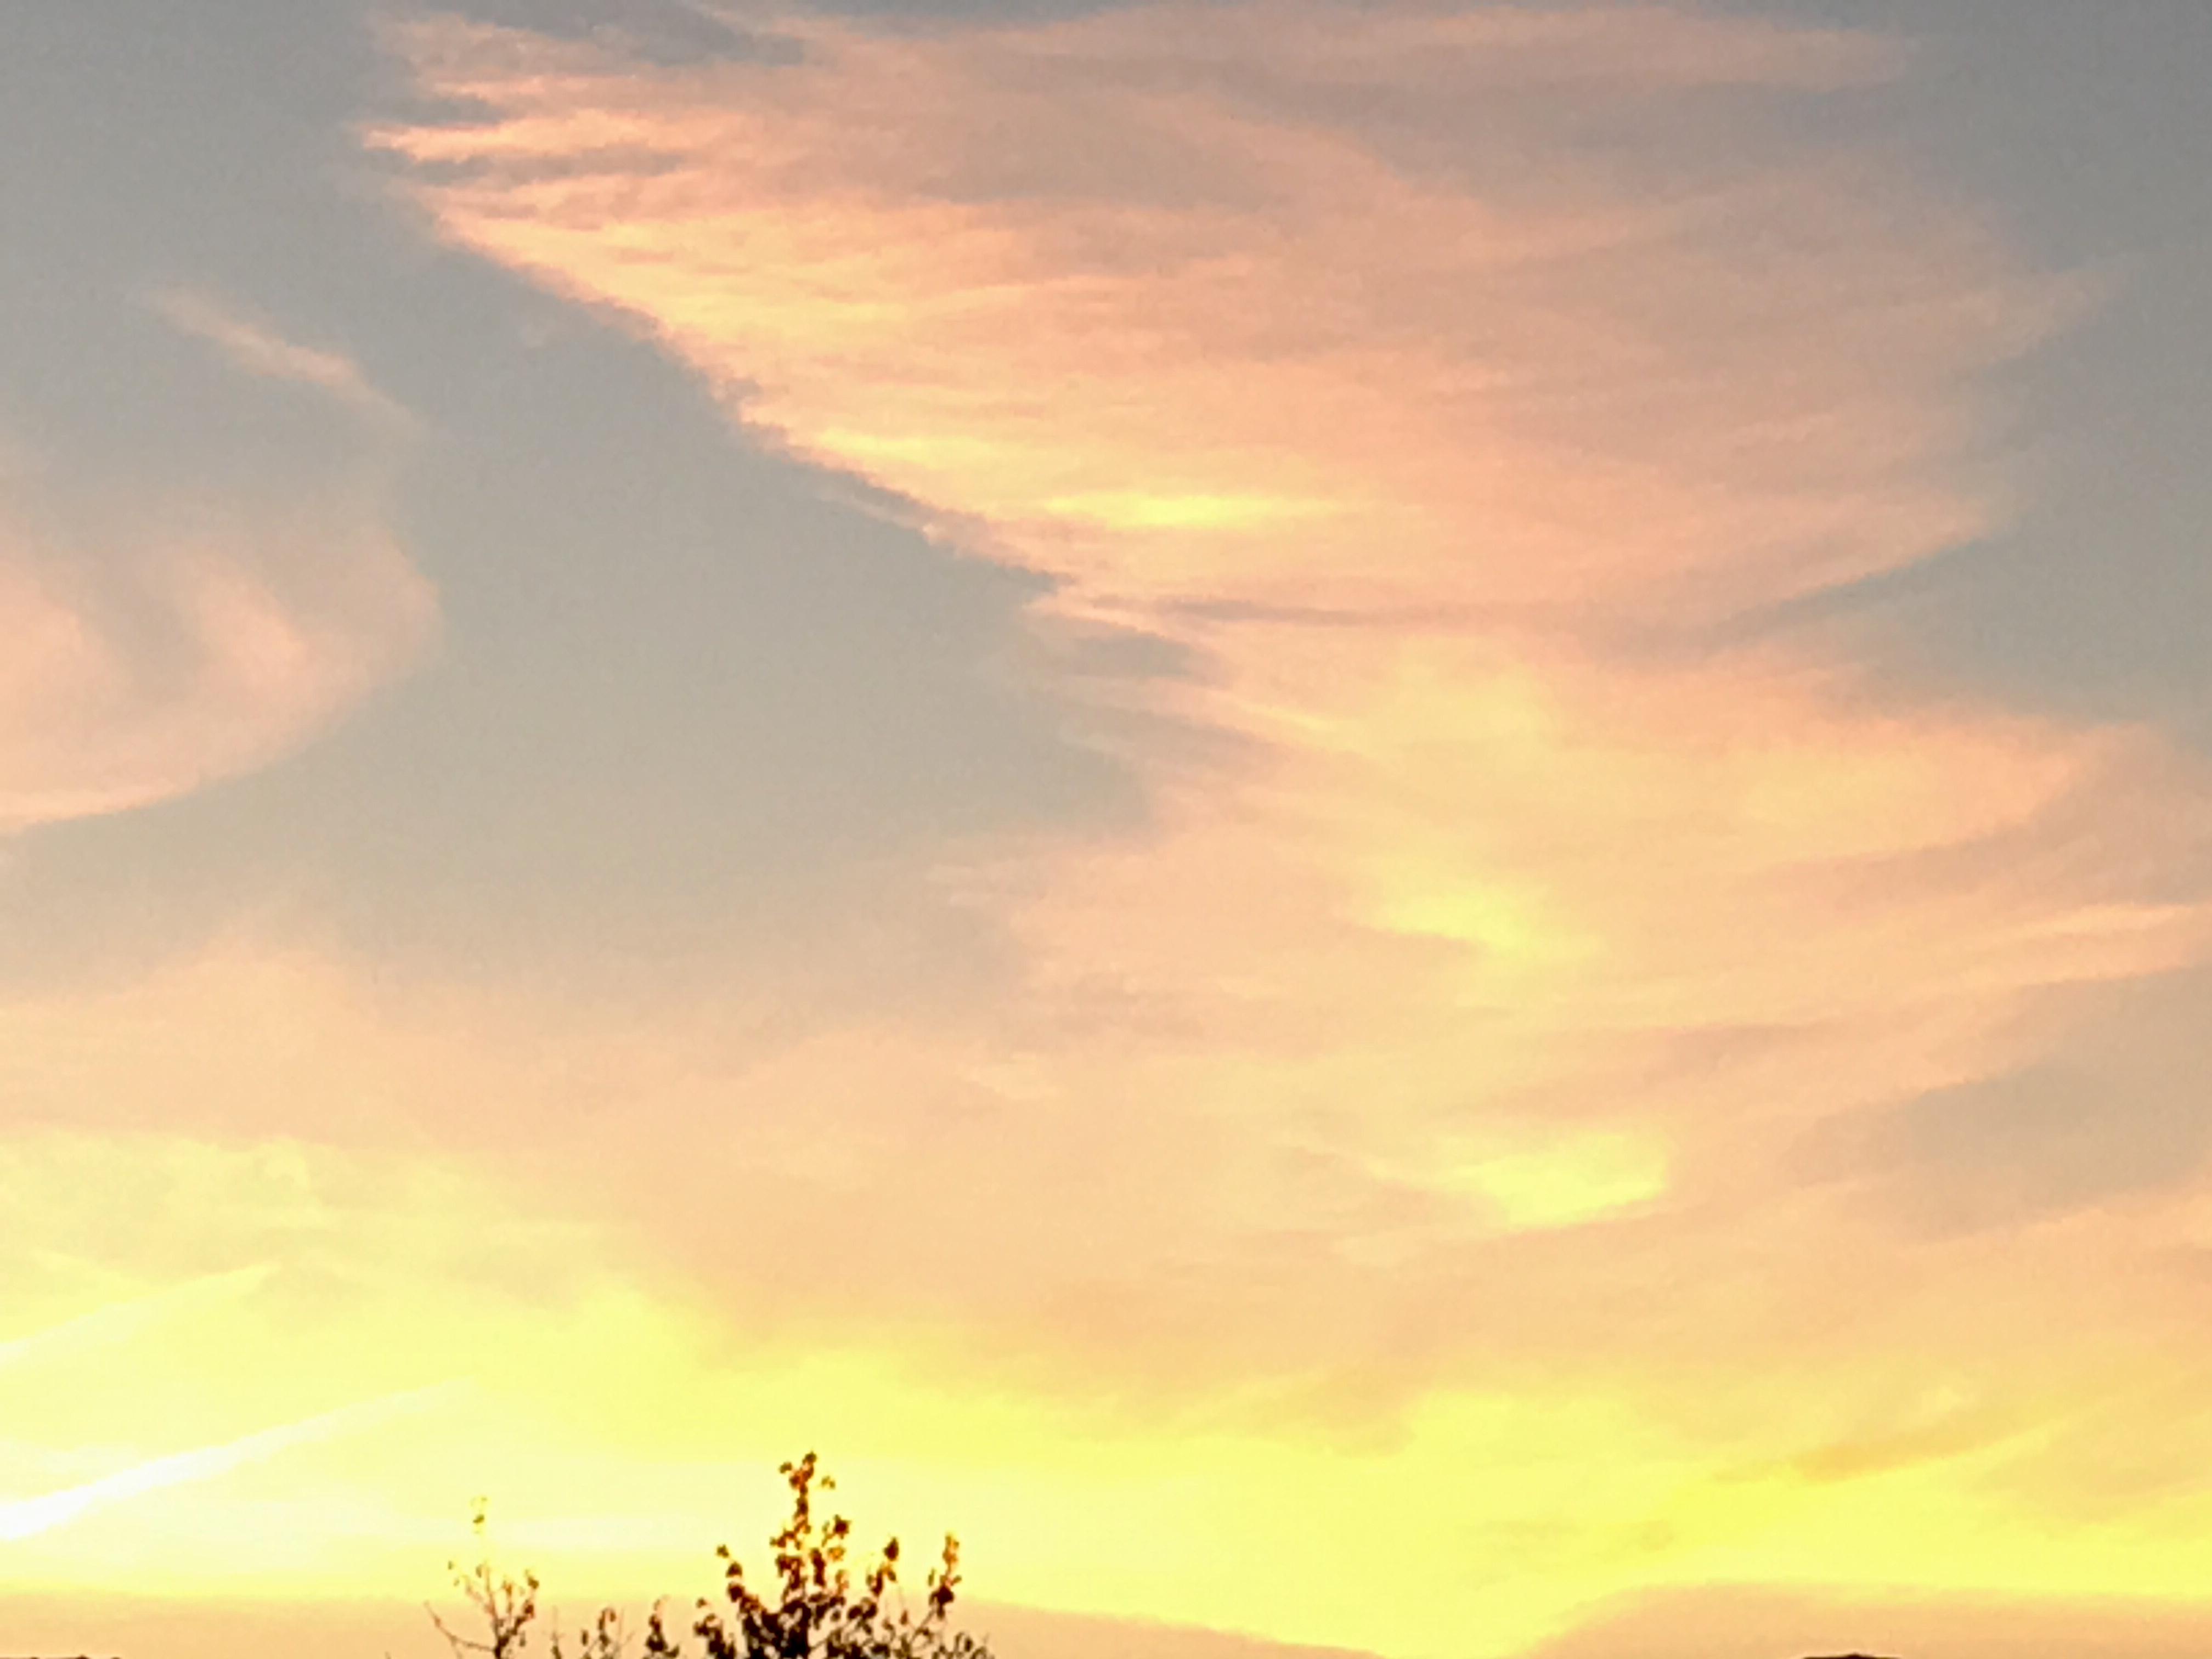 Vreemde wolken, Miep Bos op 14oktober 2018. Deel van een serie.